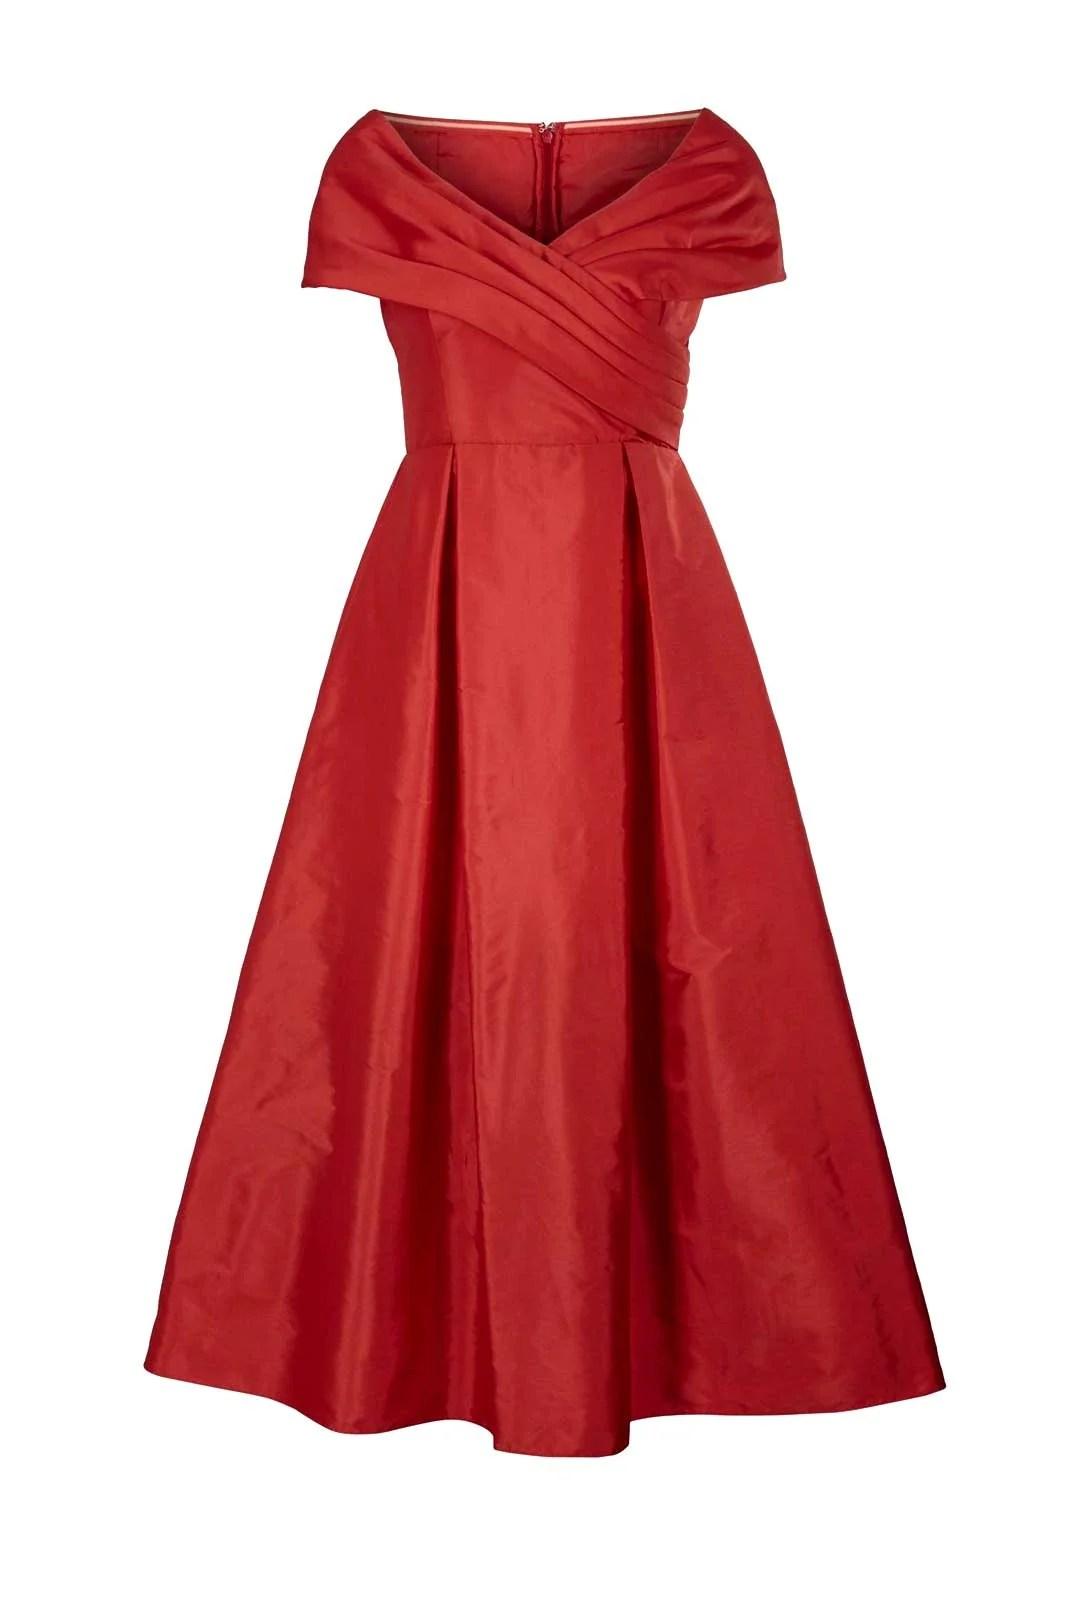 342.455 HEINE Cocktailkleid Petticoat Petticoatkleid Ballkleid Midikleid Abendkleid Rot